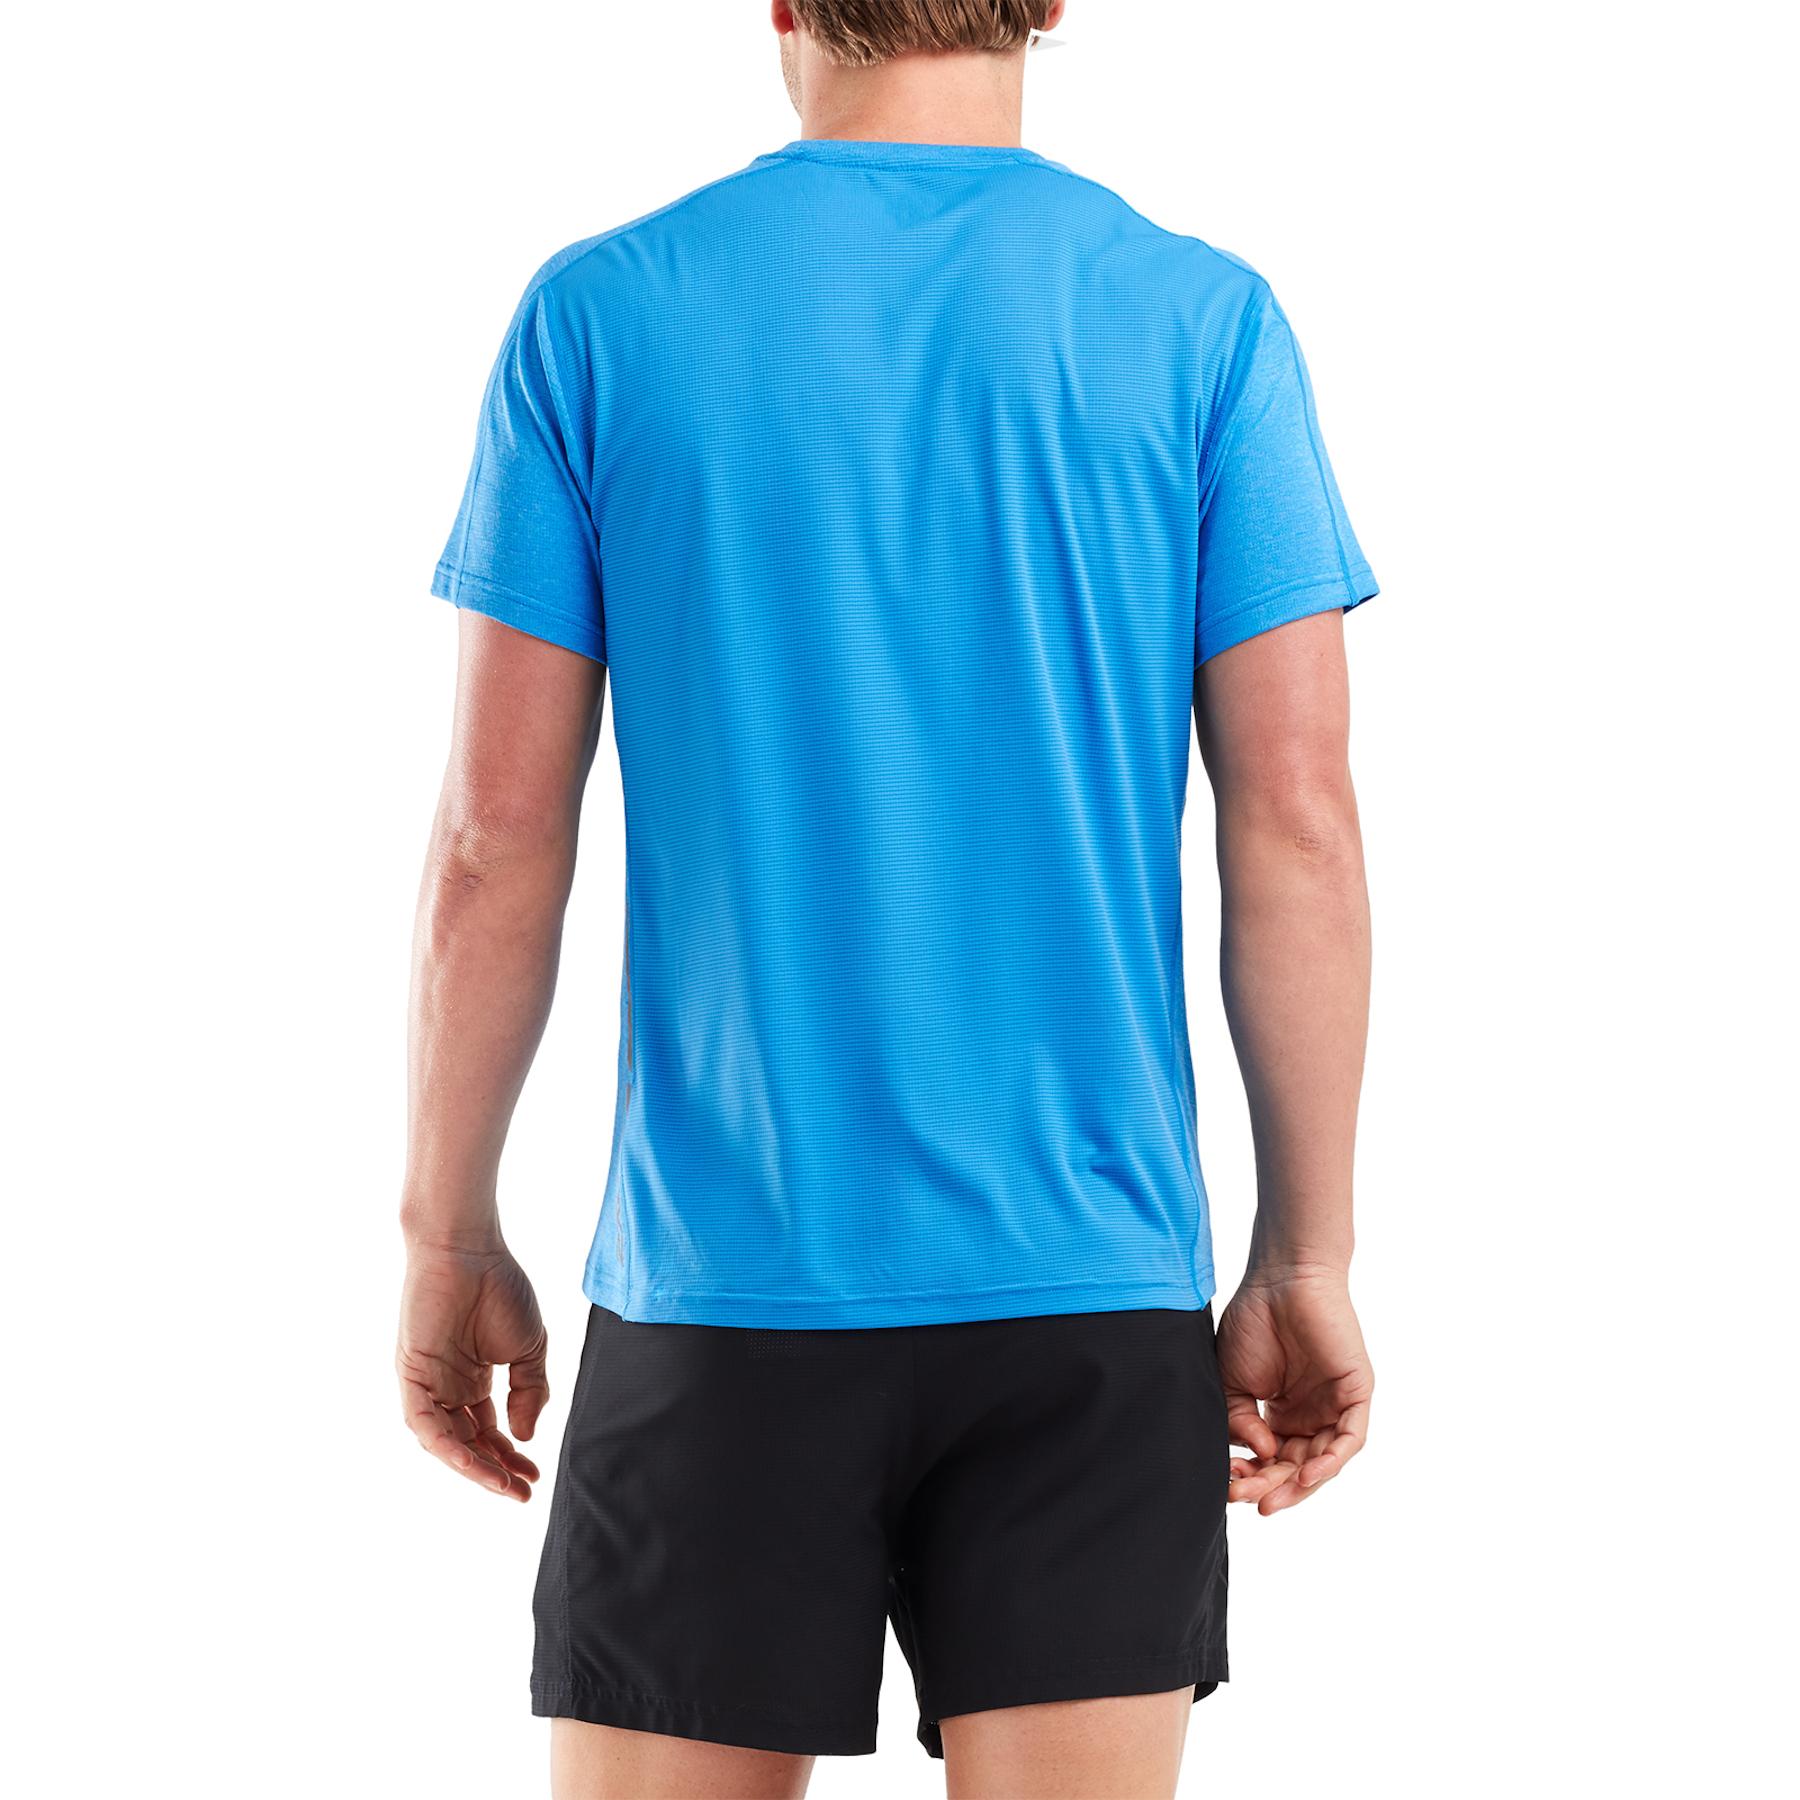 Imagen de 2XU XVENT G2 Short Sleeve Tee - true blue/silver reflective